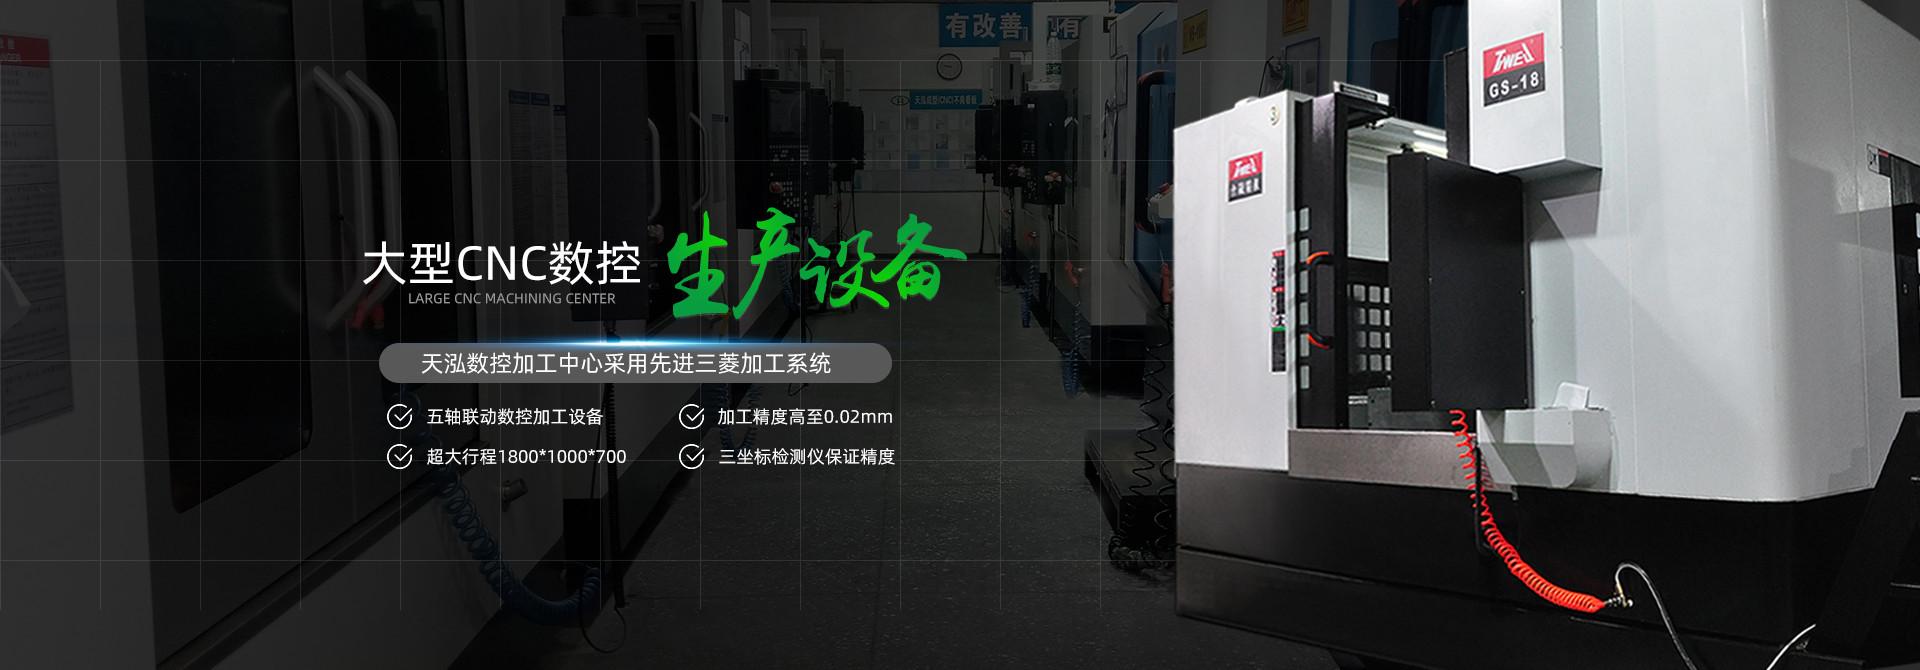 精密五金零件及手板模型天泓大型CNC数控设备